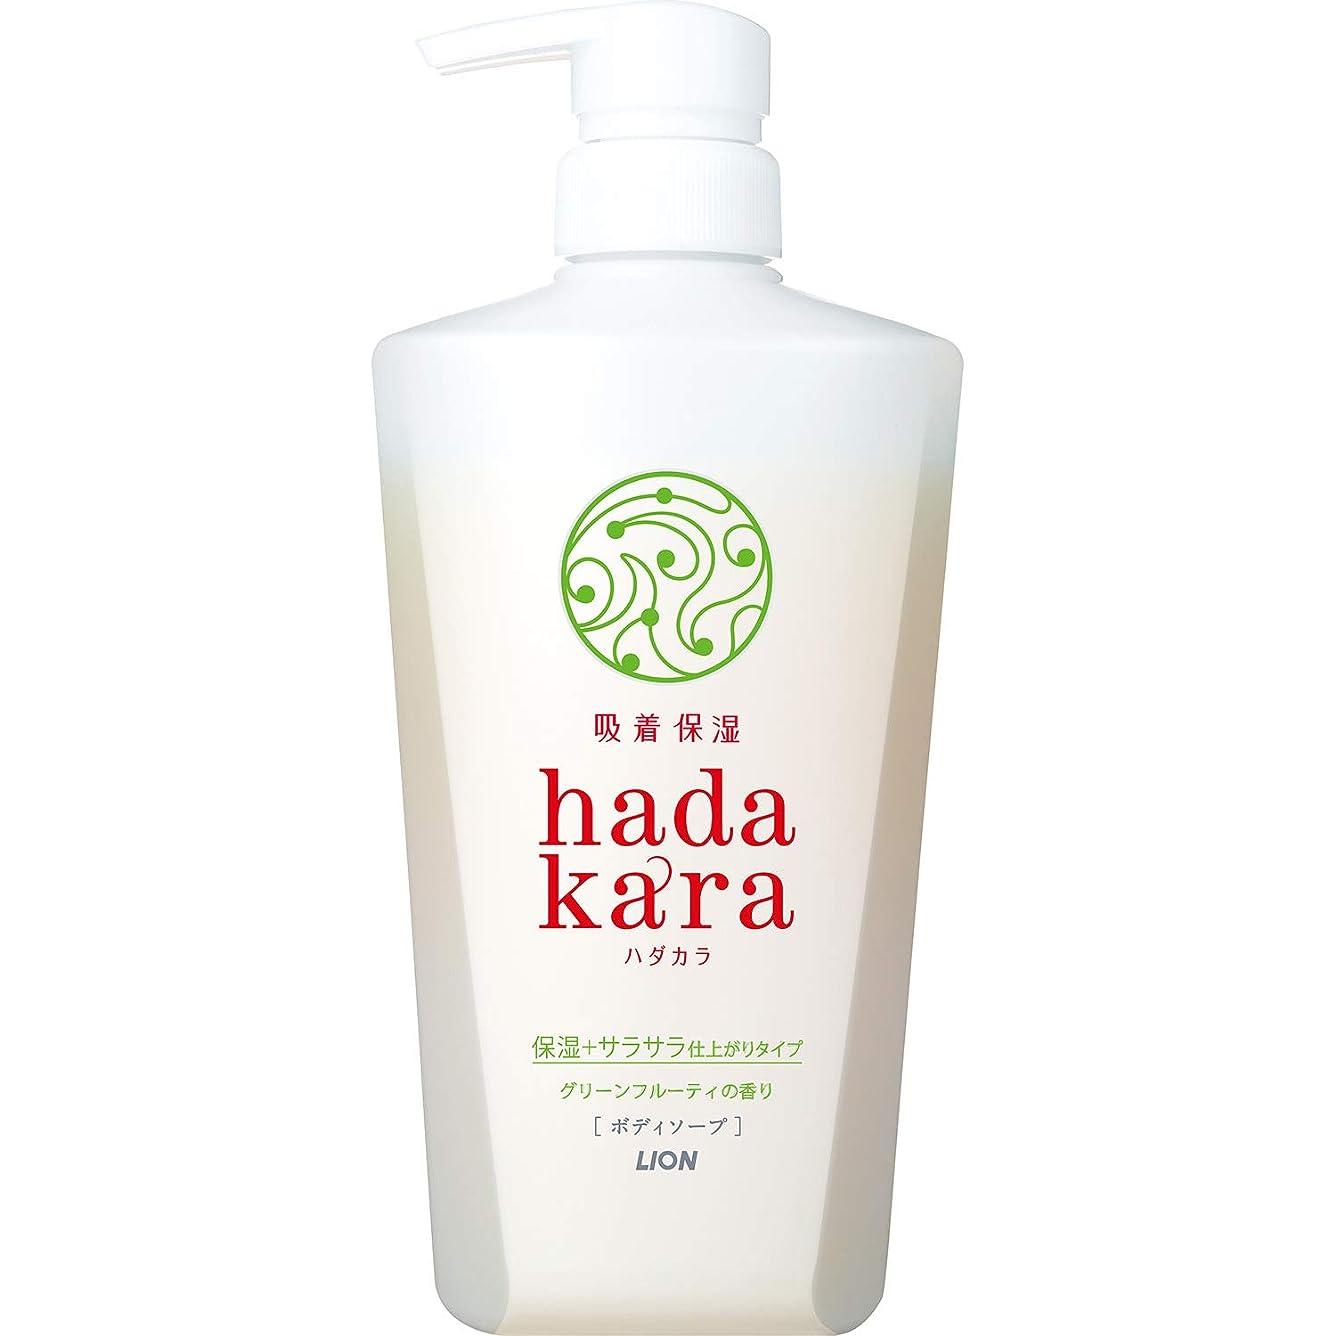 システム債権者干ばつhadakara(ハダカラ) ボディソープ 保湿+サラサラ仕上がりタイプ グリーンフルーティの香り 本体 480ml